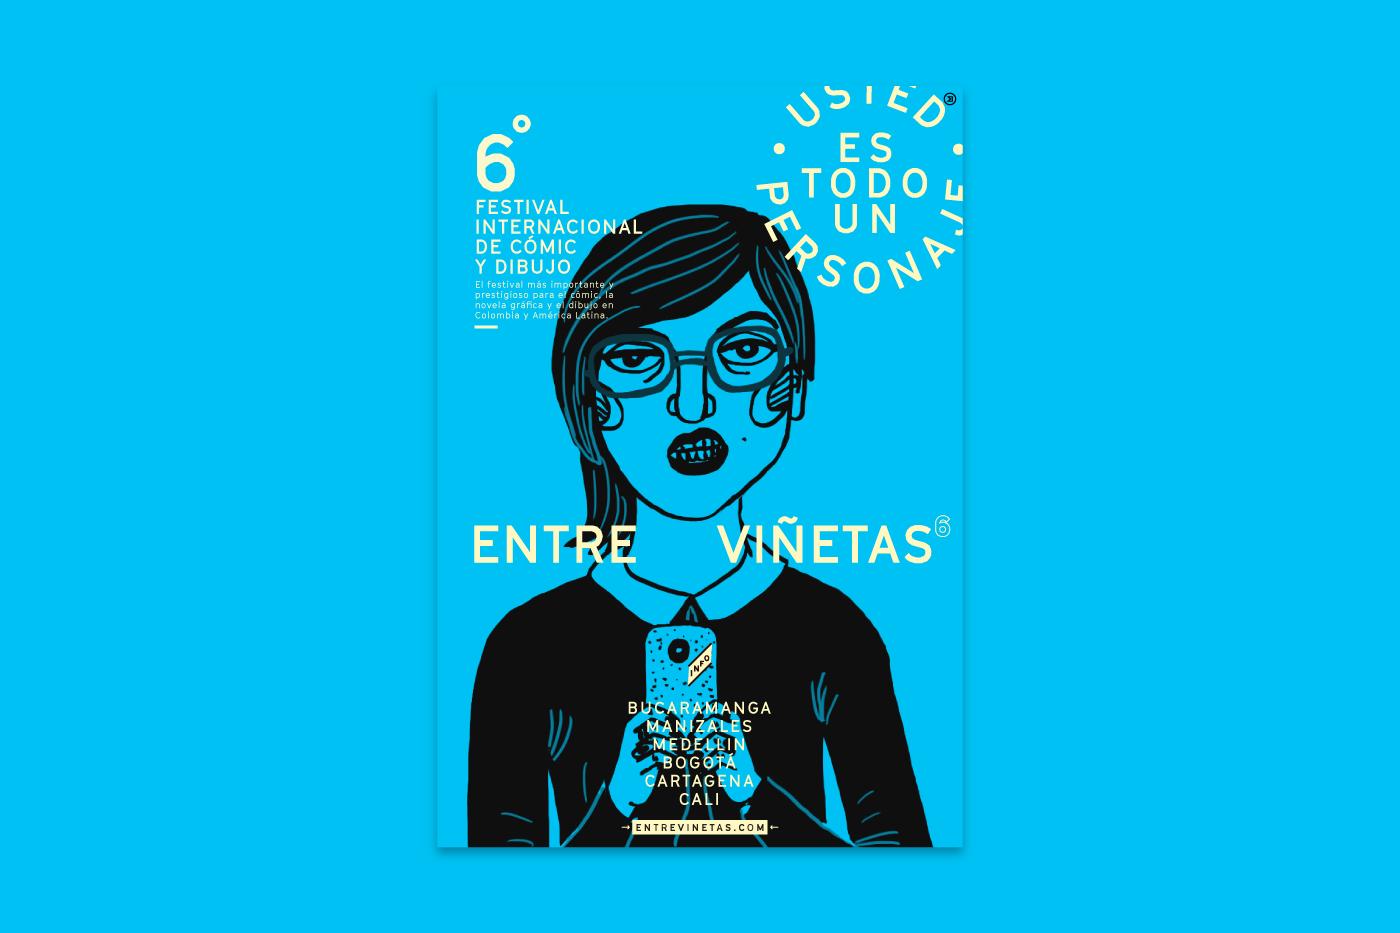 Entrevinetas_3